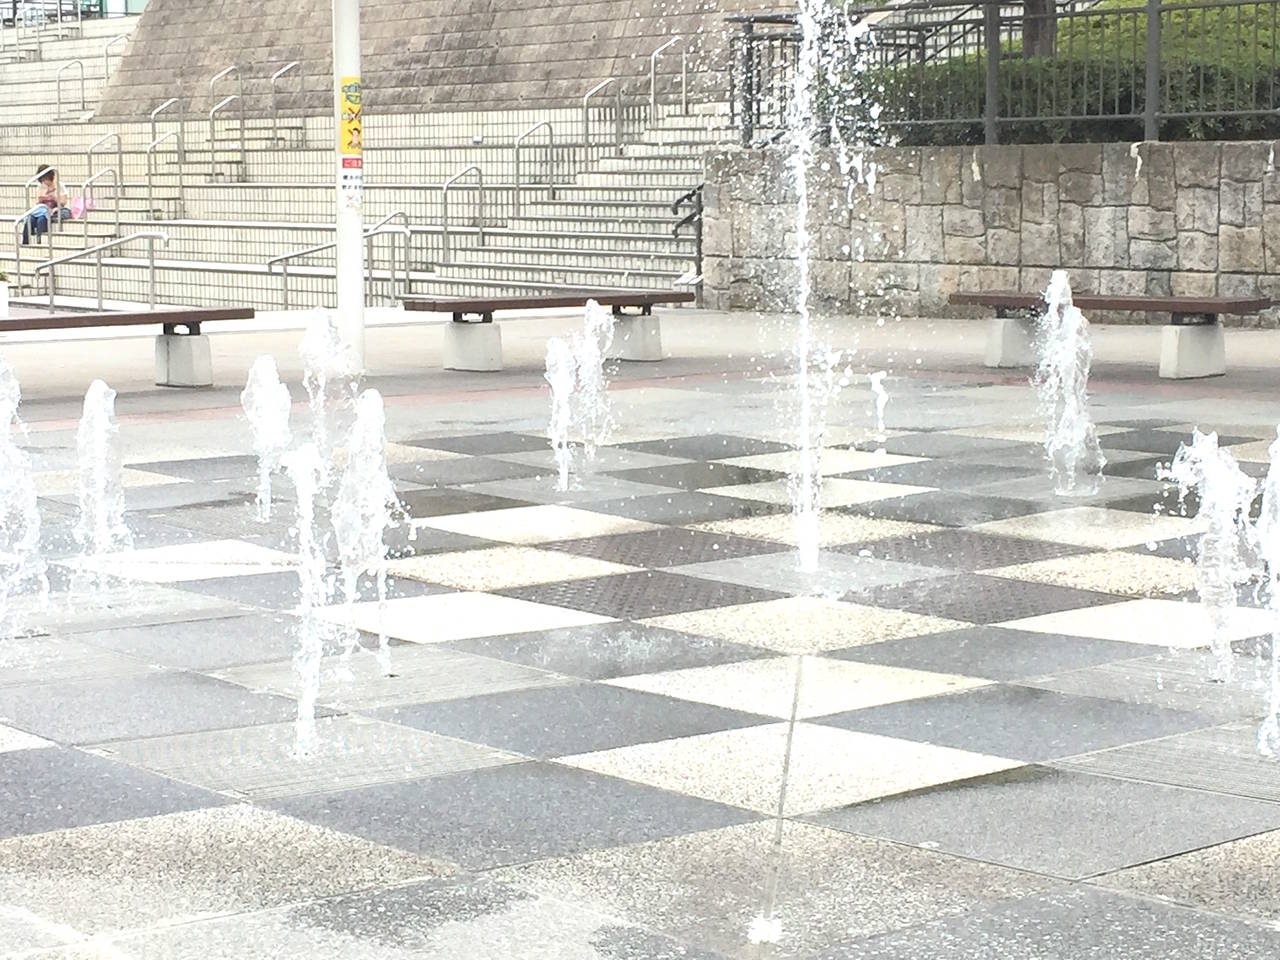 【愛知】噴水とミストが楽しい「刈谷ハイウェイオアシス岩ケ池公園」